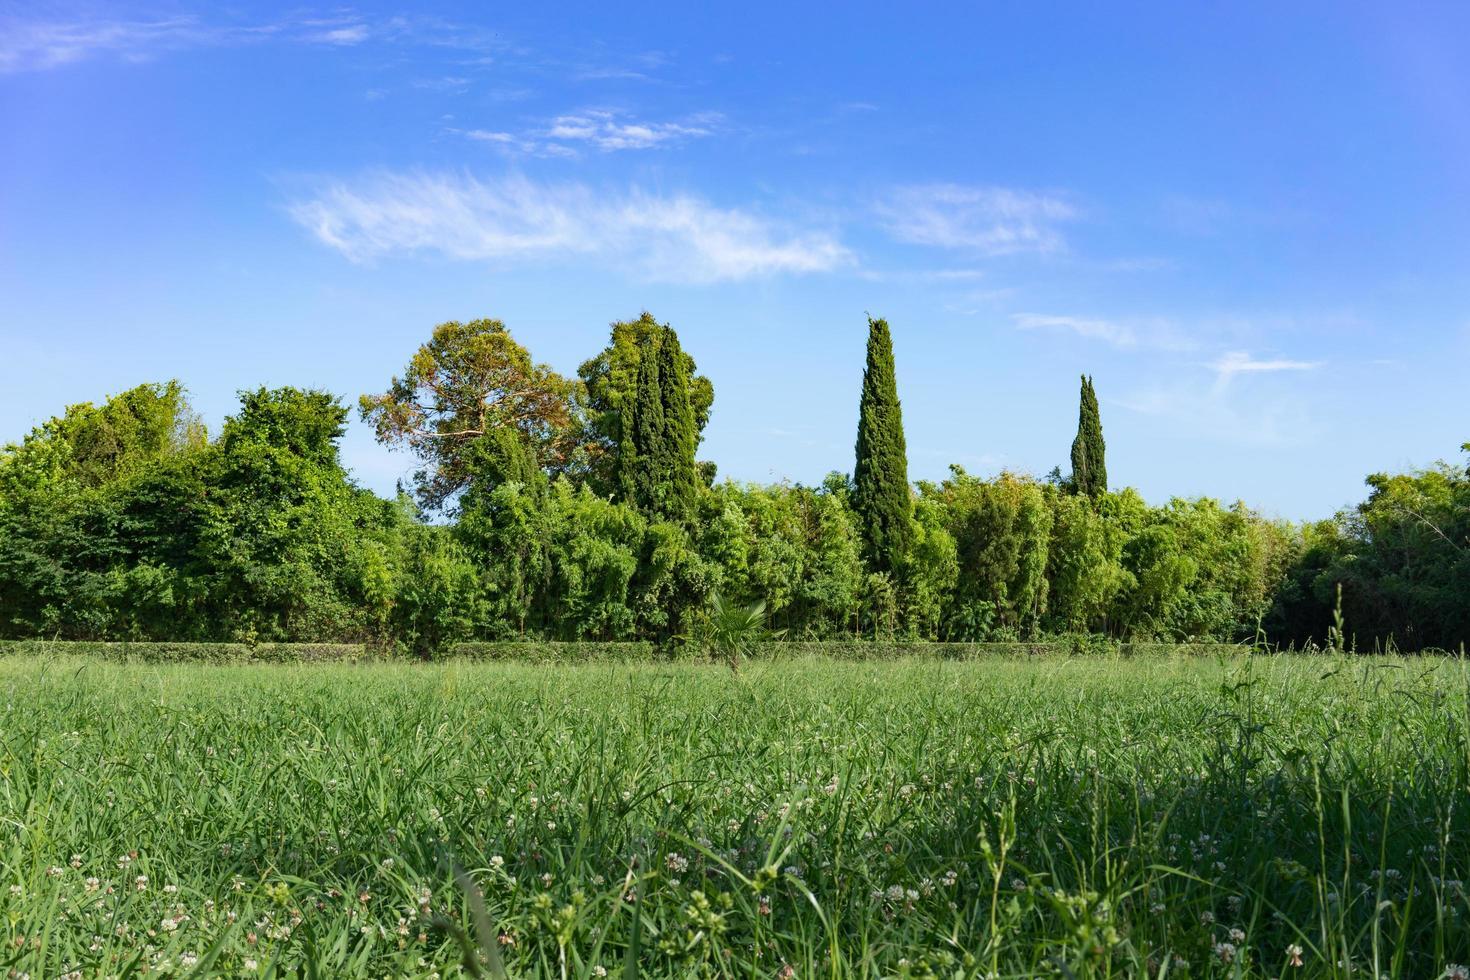 naturlandskap med grön troway och träd foto